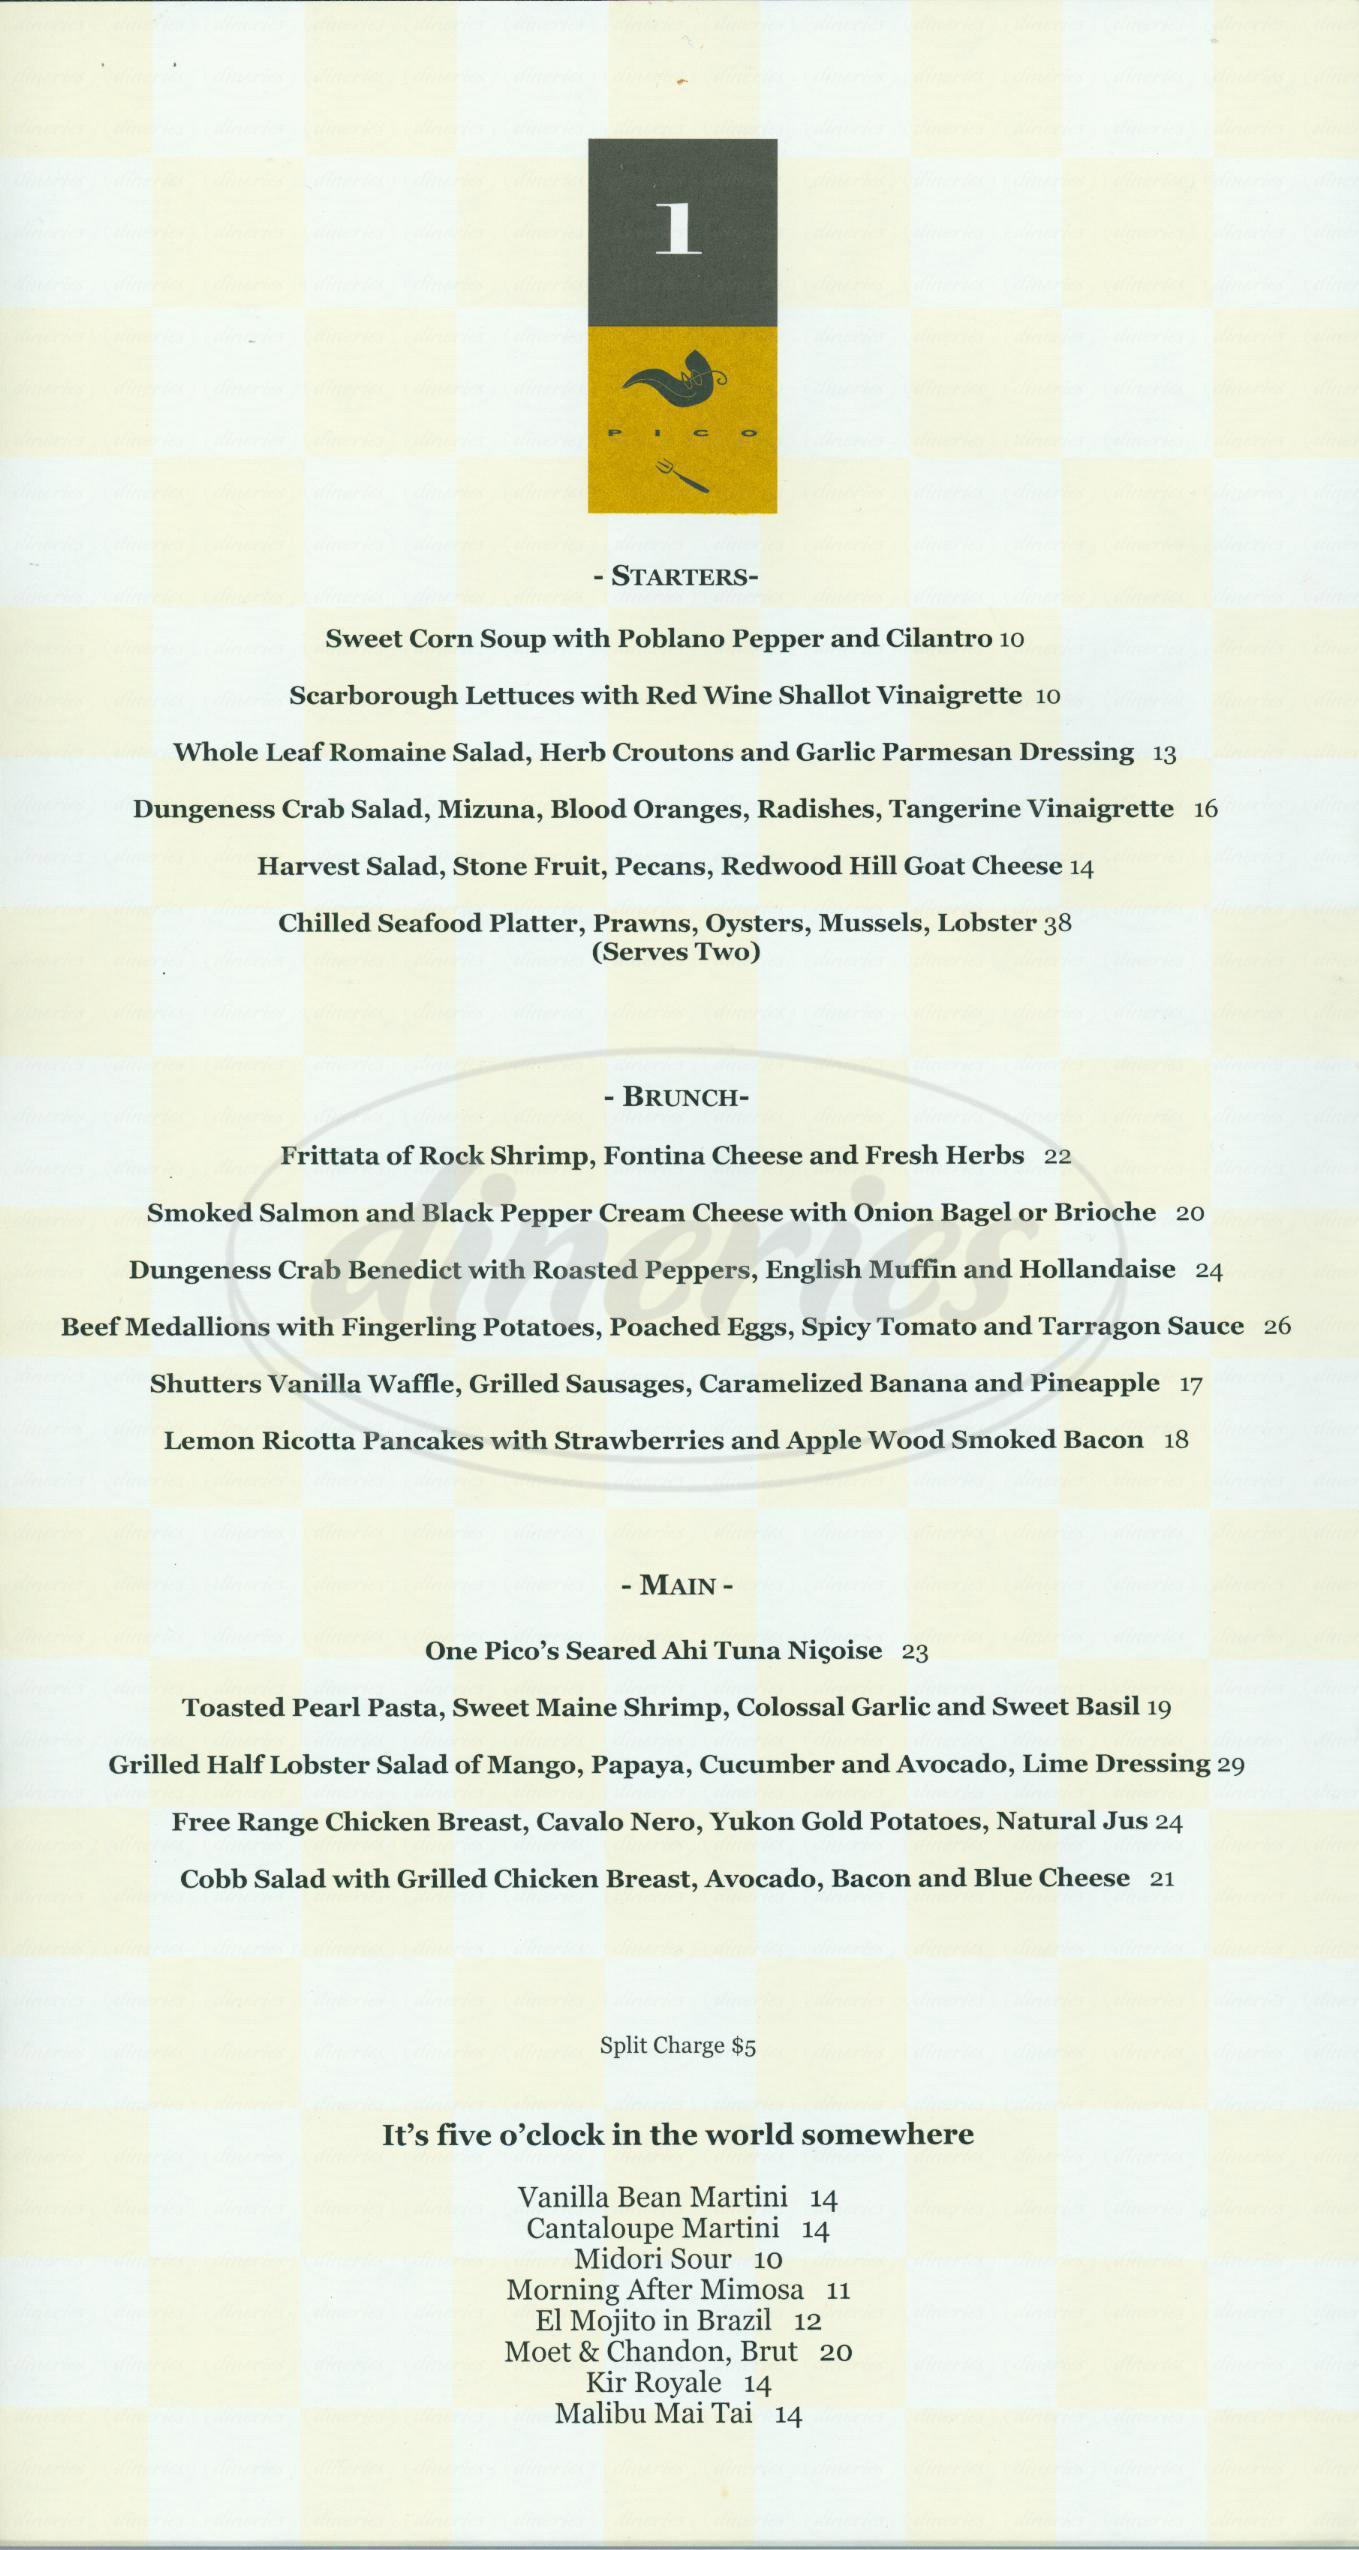 menu for One Pico